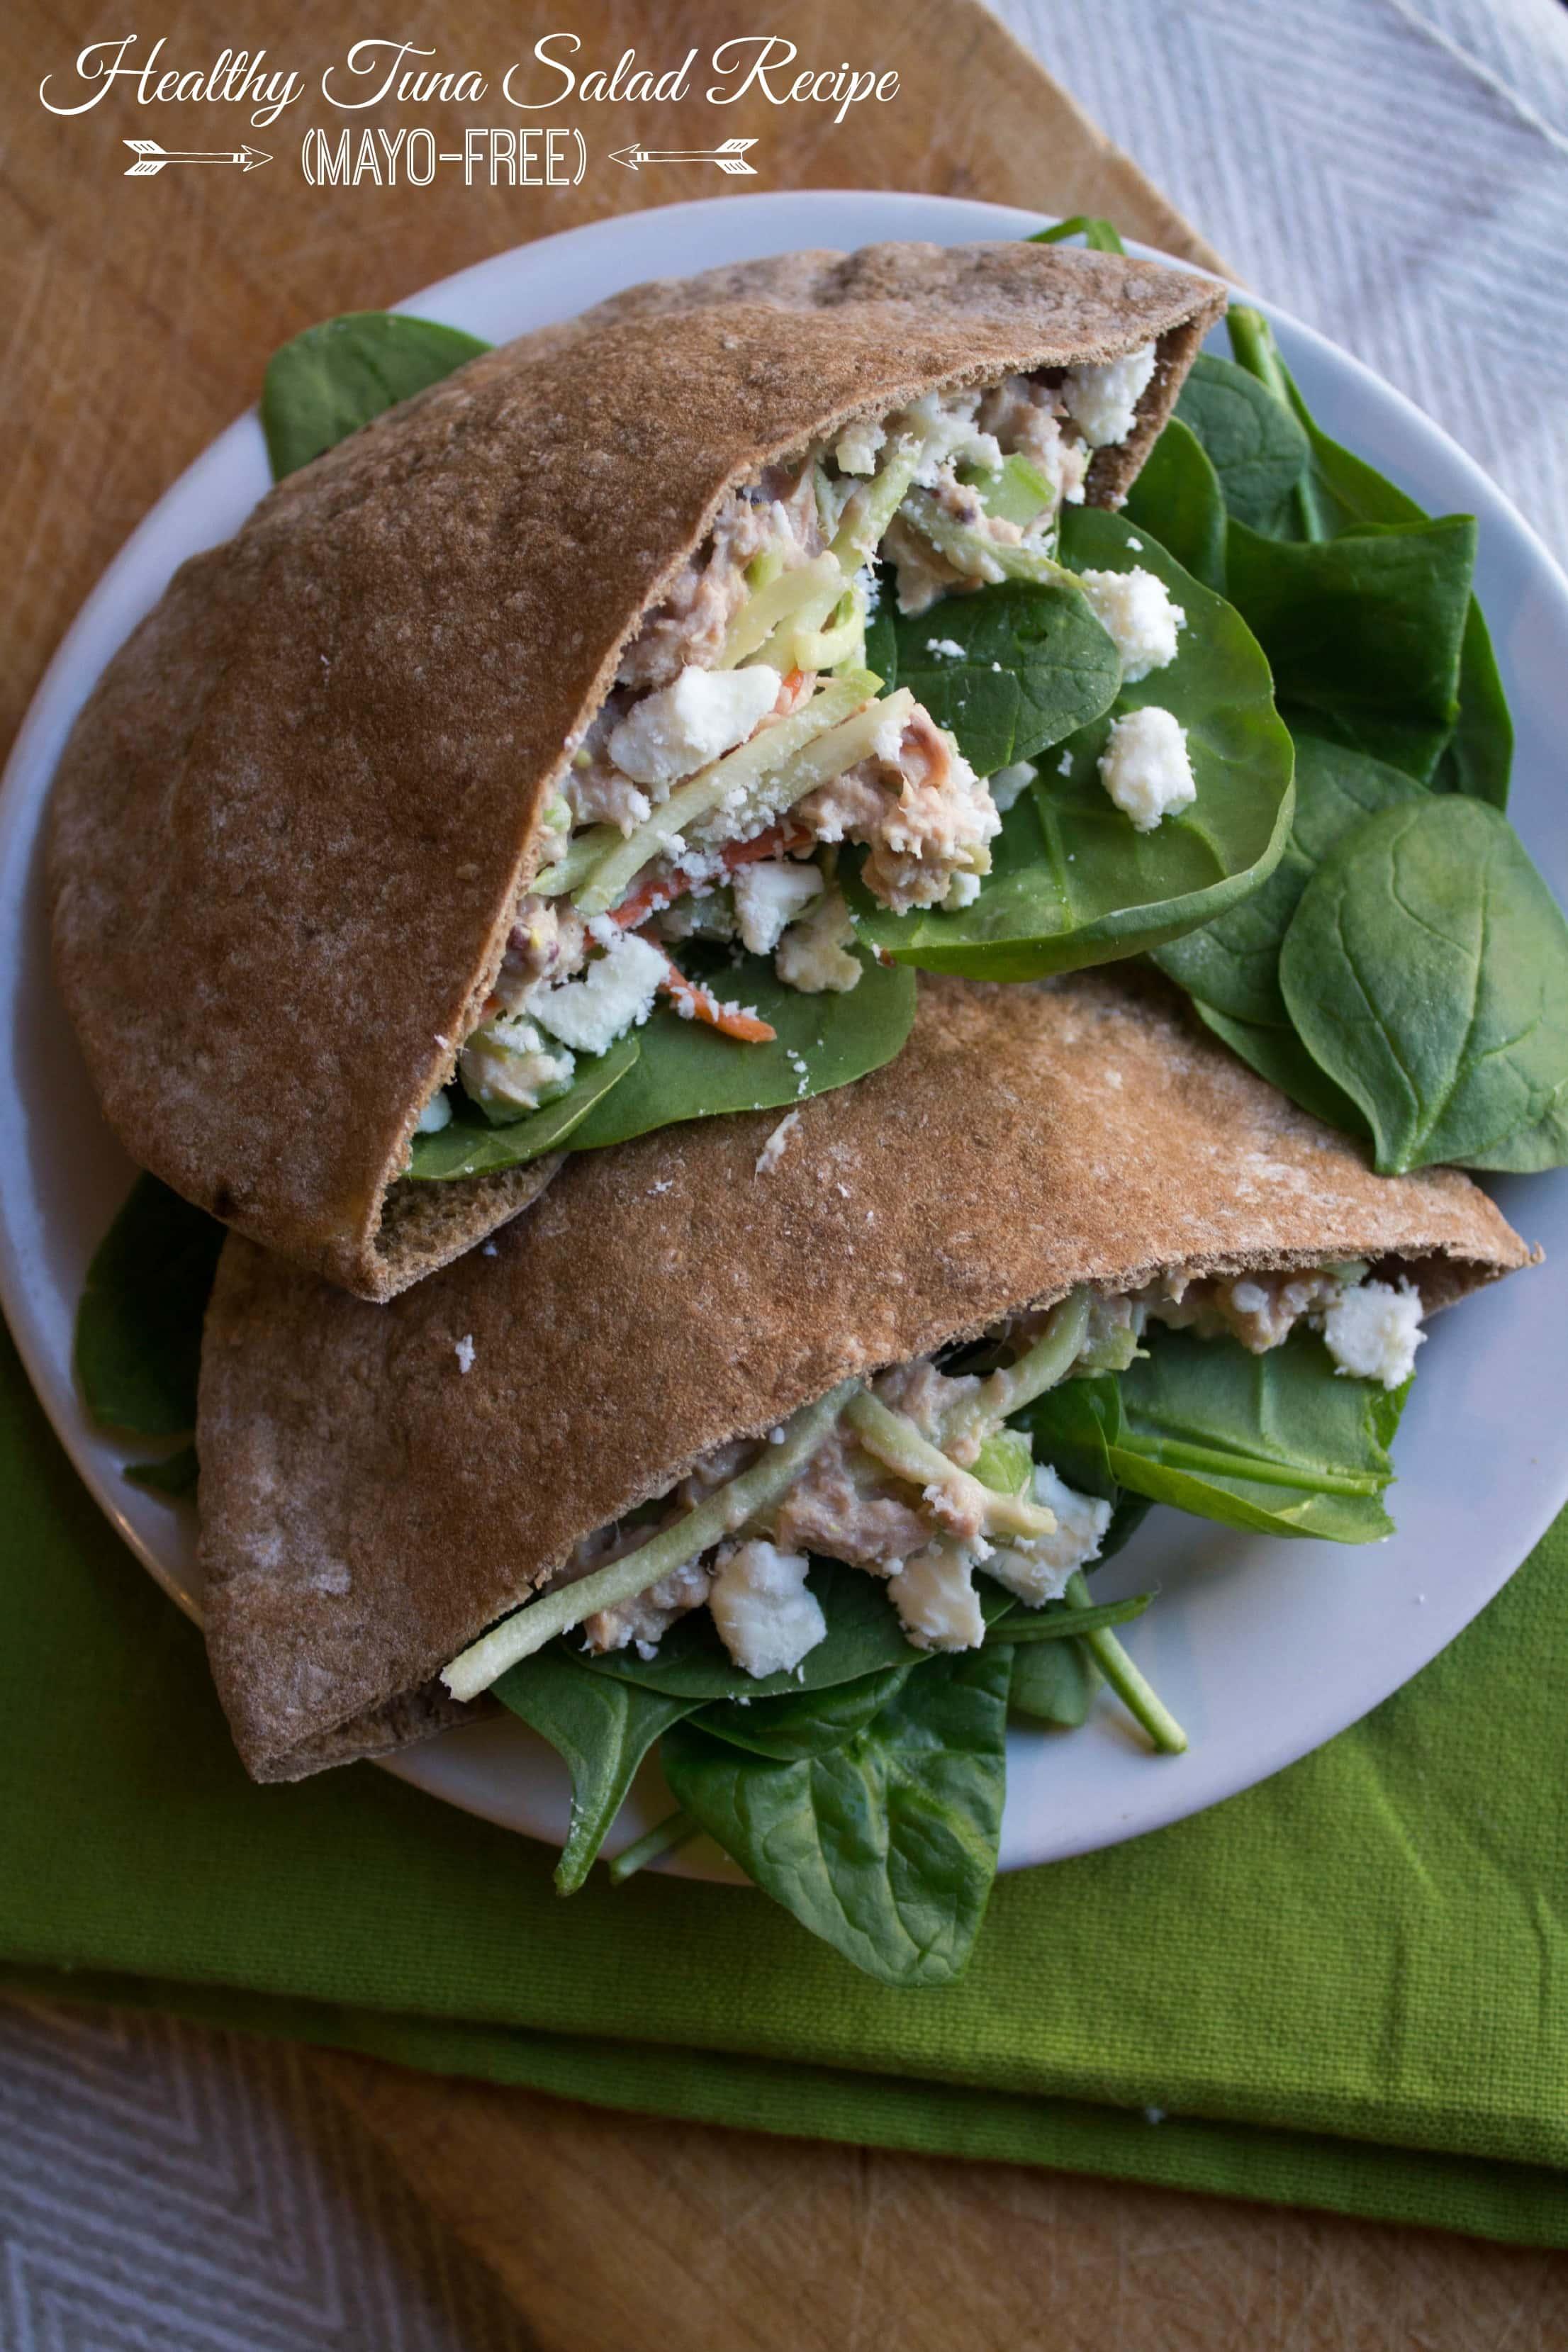 Healthy Tuna Salad Recipe Easy Delicious Lunch